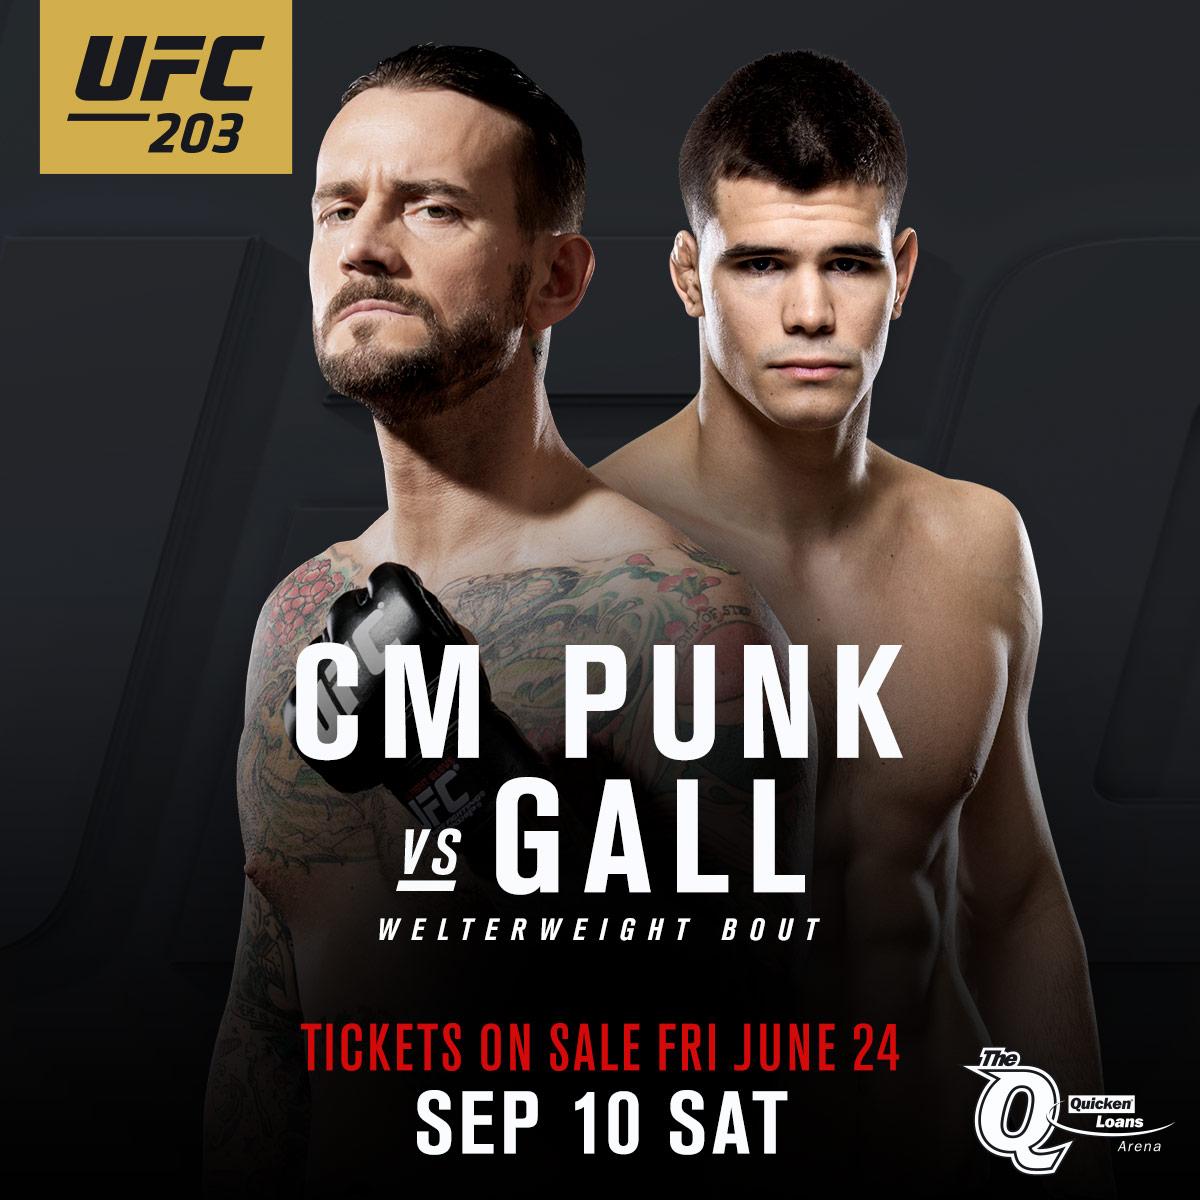 Cm punk vs mickey gall ufc 203 - 2 7